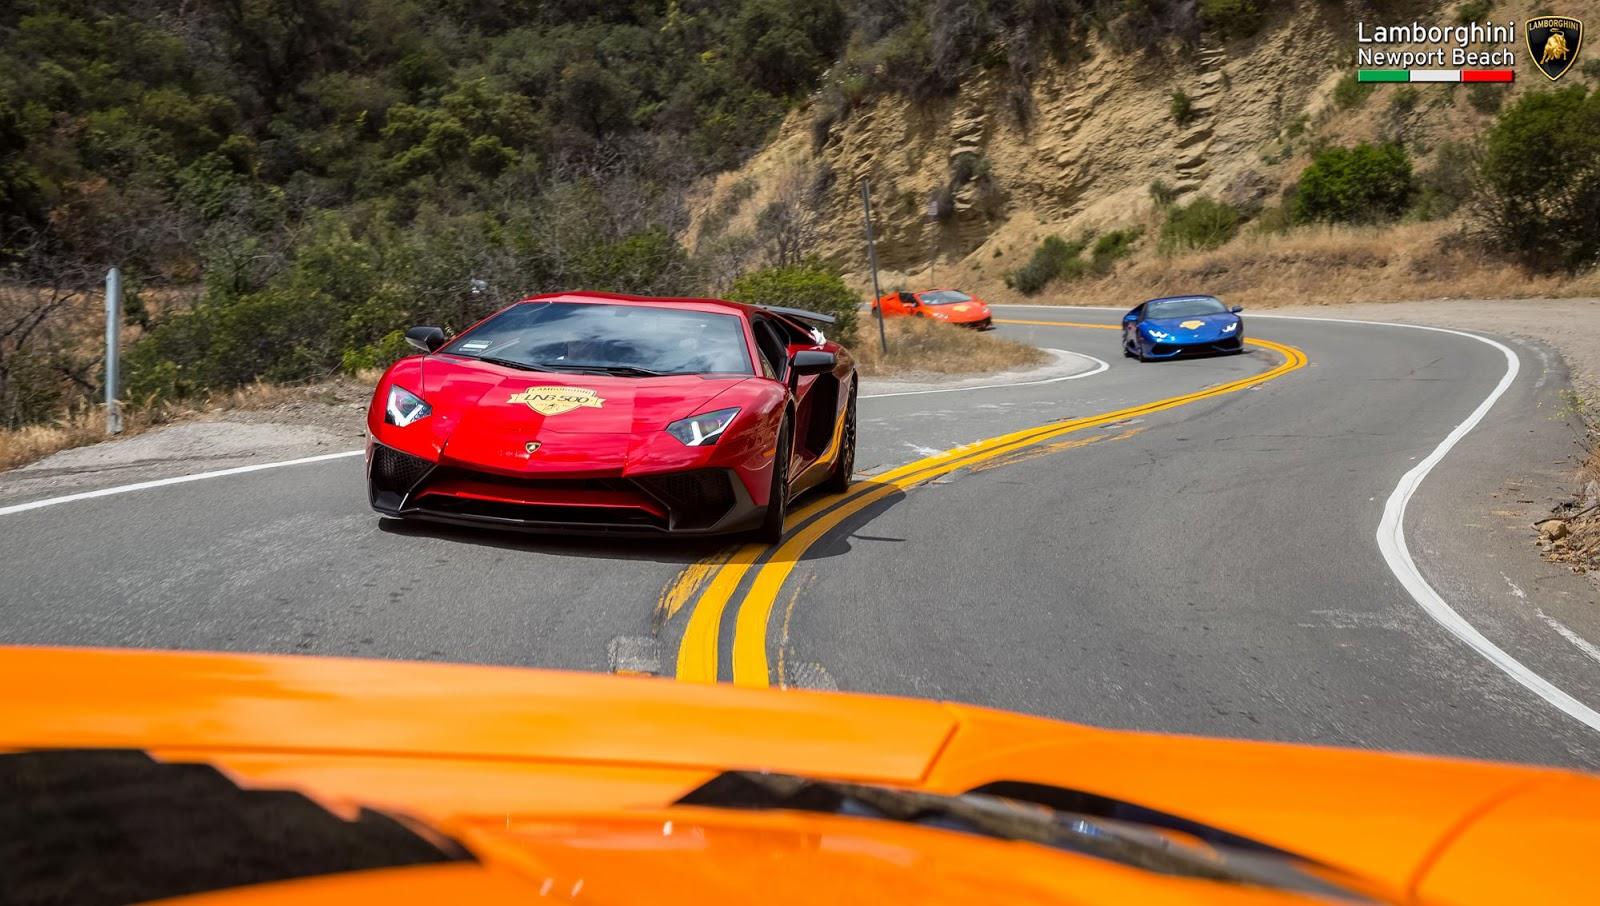 Lamborghini Newport Beach